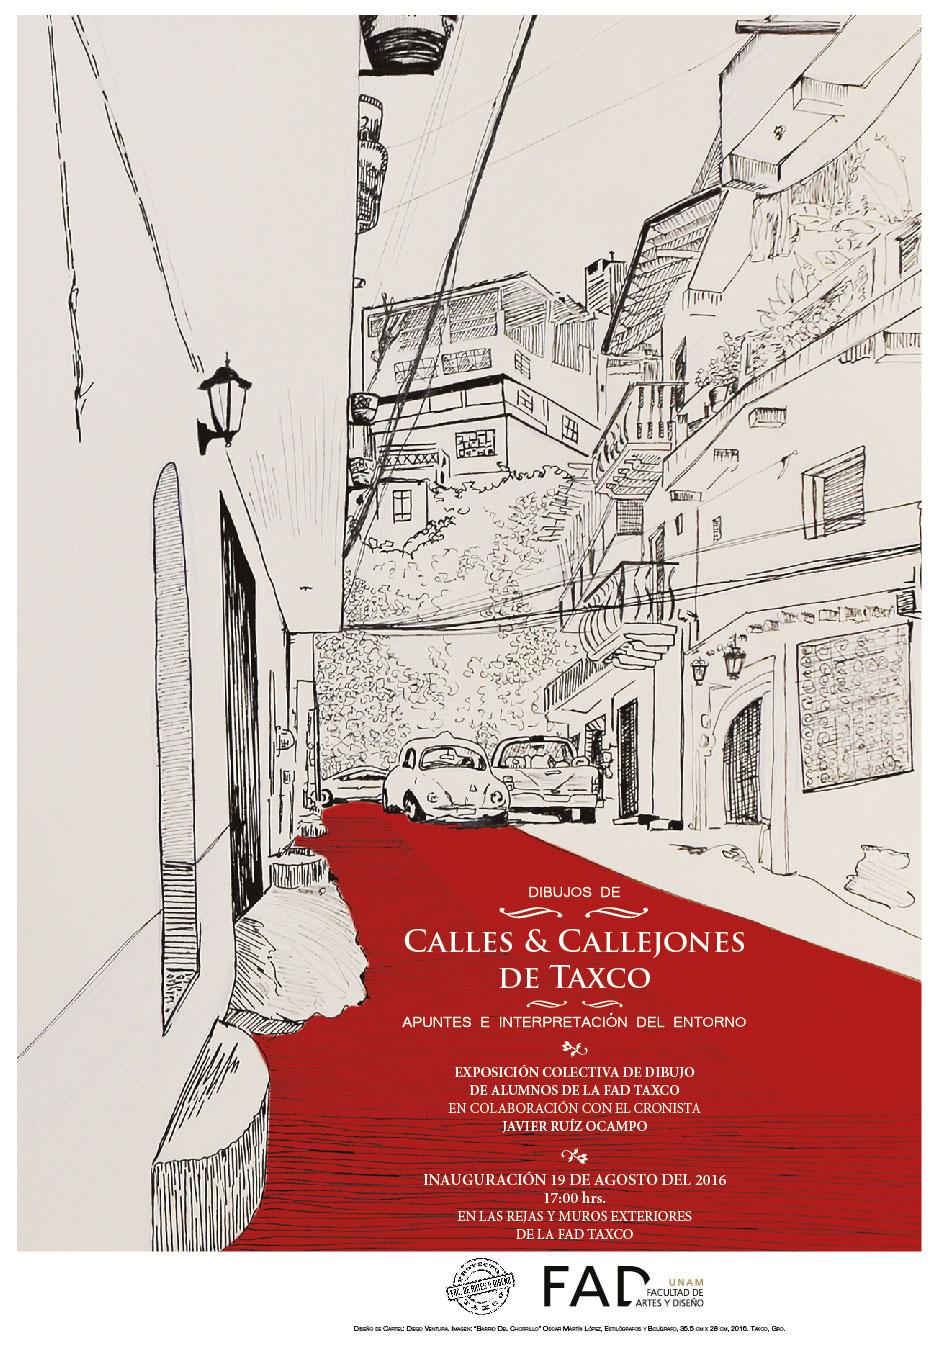 callesycallejonestaxco_cartel